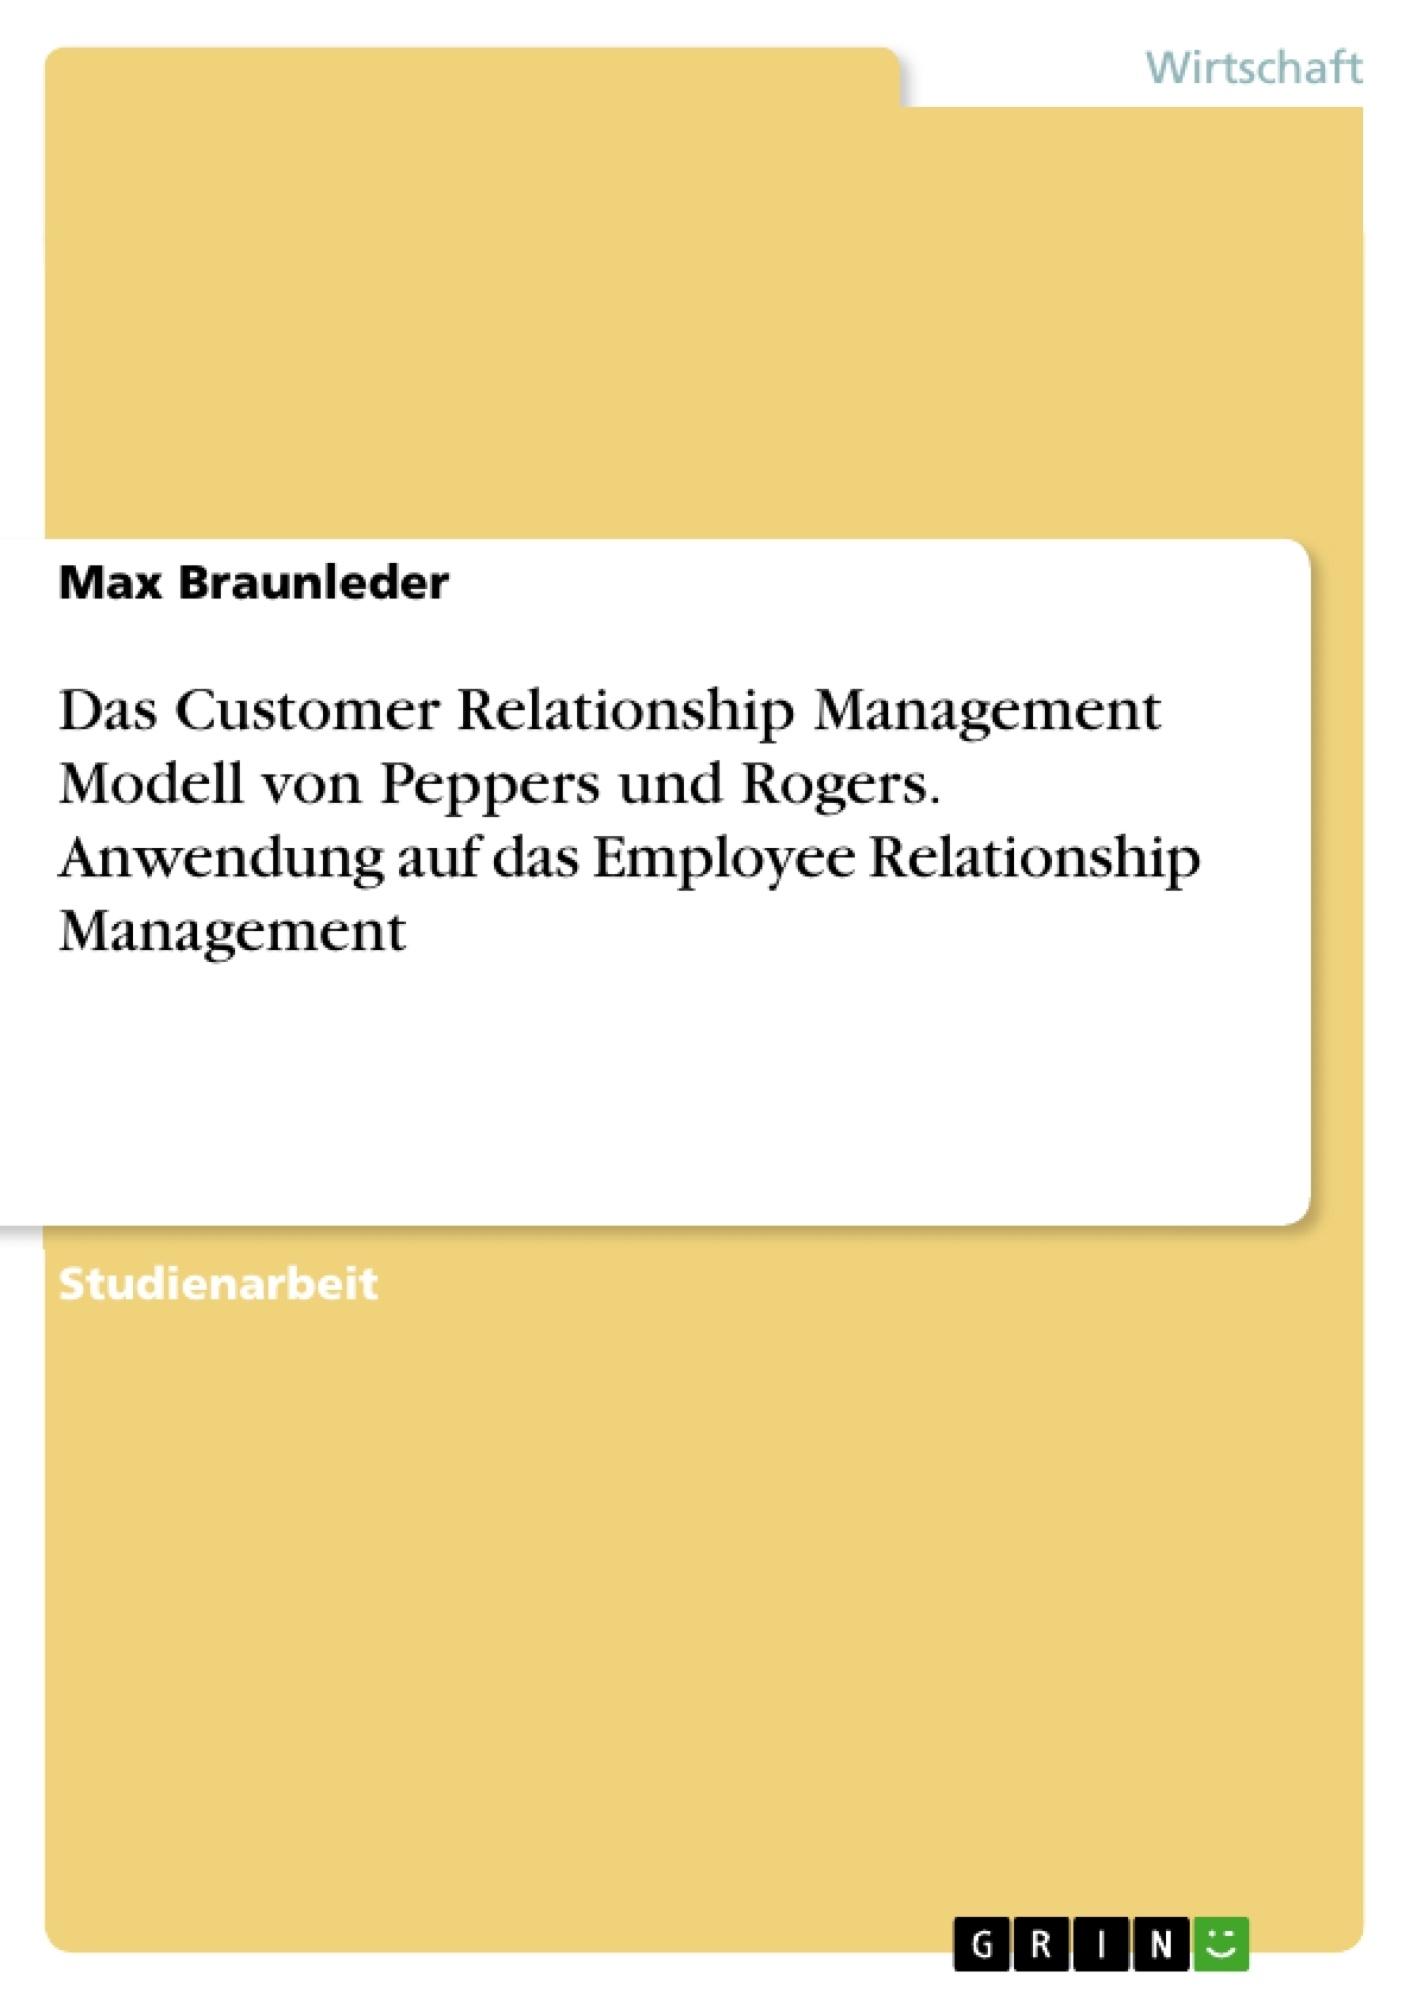 Titel: Das Customer Relationship Management Modell von Peppers und Rogers. Anwendung auf das Employee Relationship Management